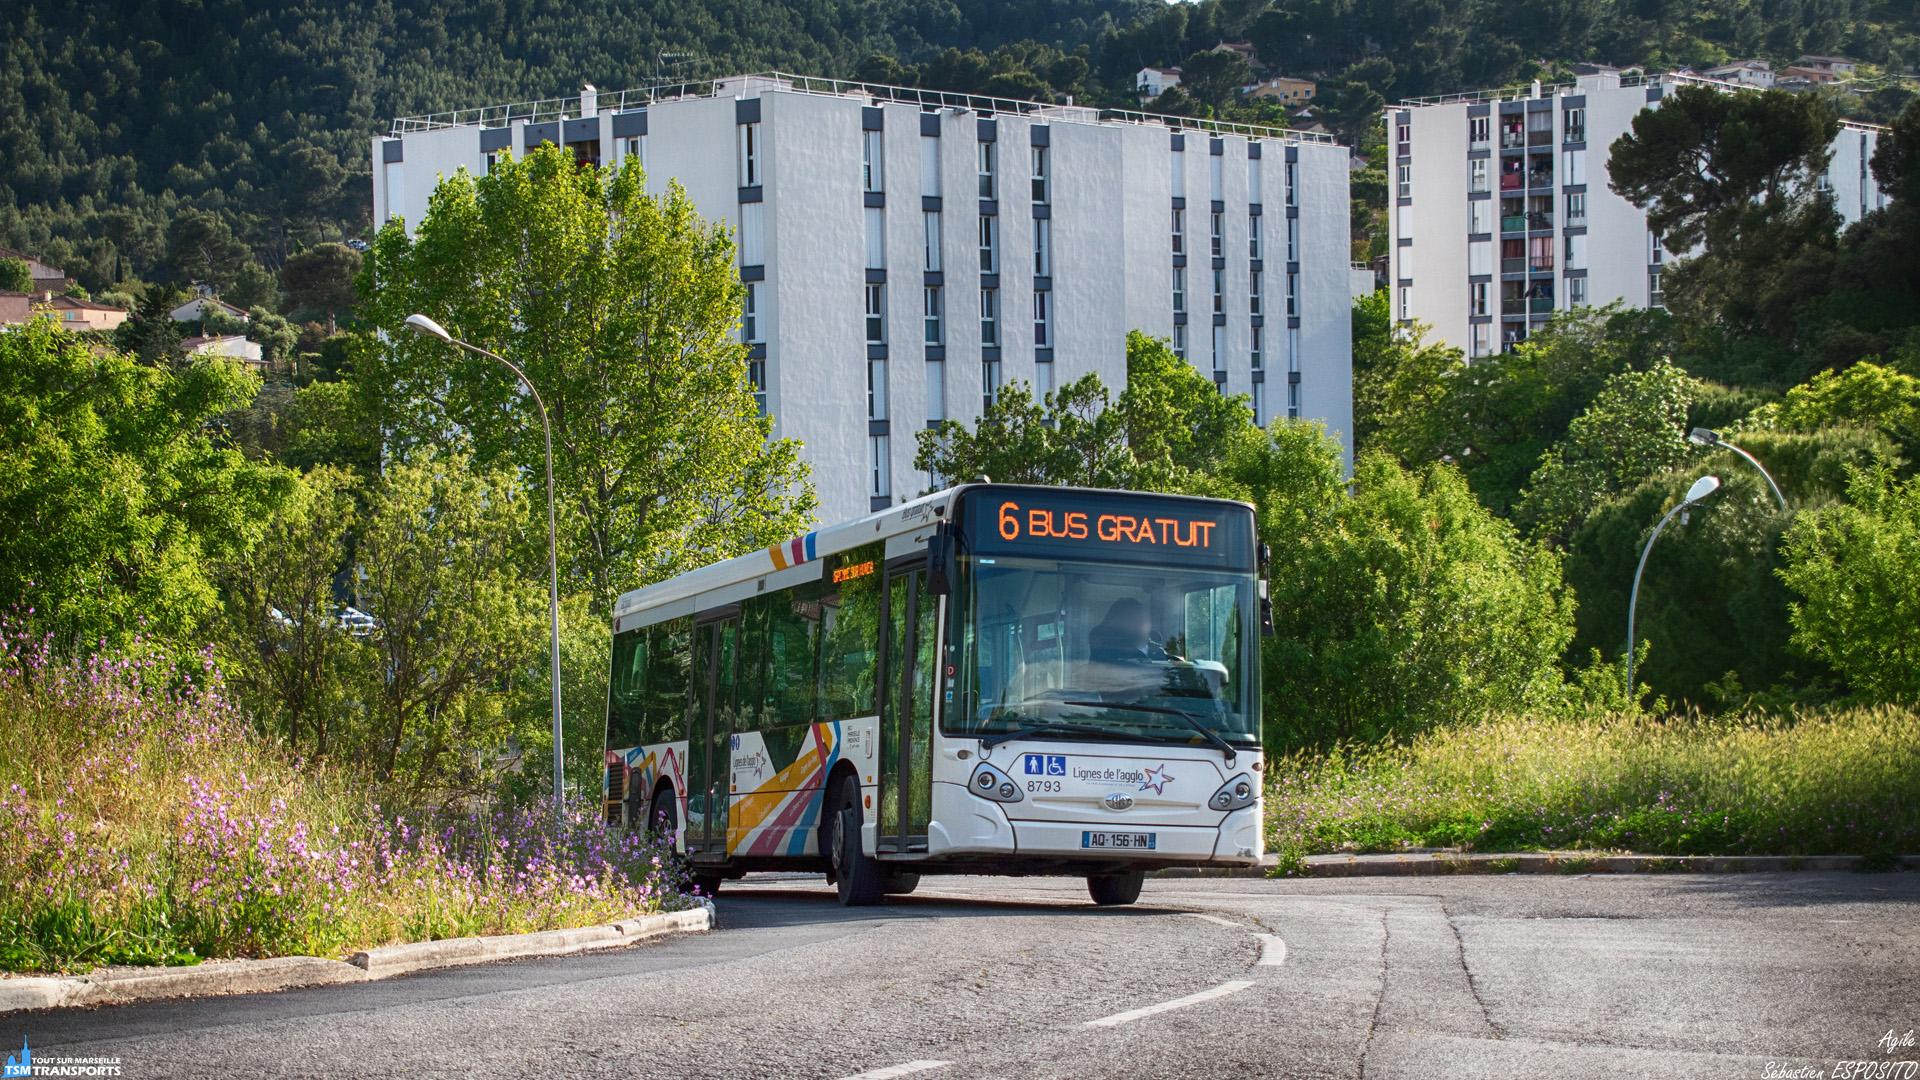 Devant les bâtiments de la Cité des Escourtines, cet AGR, appelé aussi Midibus, démontre son agilité dans la montée en courbe du Chemin des Restanques, qui marque également la frontière entre Marseille et La Penne sur Huveaune. . Ici ce GX 127 viens de desservir le seul arrêt sur le sol de la cité phocéenne avant de retourner sur les terres de Marcel Pagnol. . ℹ️ Heuliez Bus GX 127 L N°8793 SPL Façonéo. . 📍 Chemin des Restanques, 13821, La Penne sur Huveaune, France. . ↔️ 6 : Eiffel (Aubagne) - Les Candolles (La Penne sur Huveaune). . 📖 AGR : Autobus à Gabarit Réduit. . 📖² : Midibus, appelé aussi AGR, bus d'une longueur de 10 mètres environ et une largeur réduite. . 📸 Nikon D5600. . 📷 Nikkor 18-55mm. . 📅 18 Mai 2019 à 18:47. . 👨 Sébastien ESPOSITO.